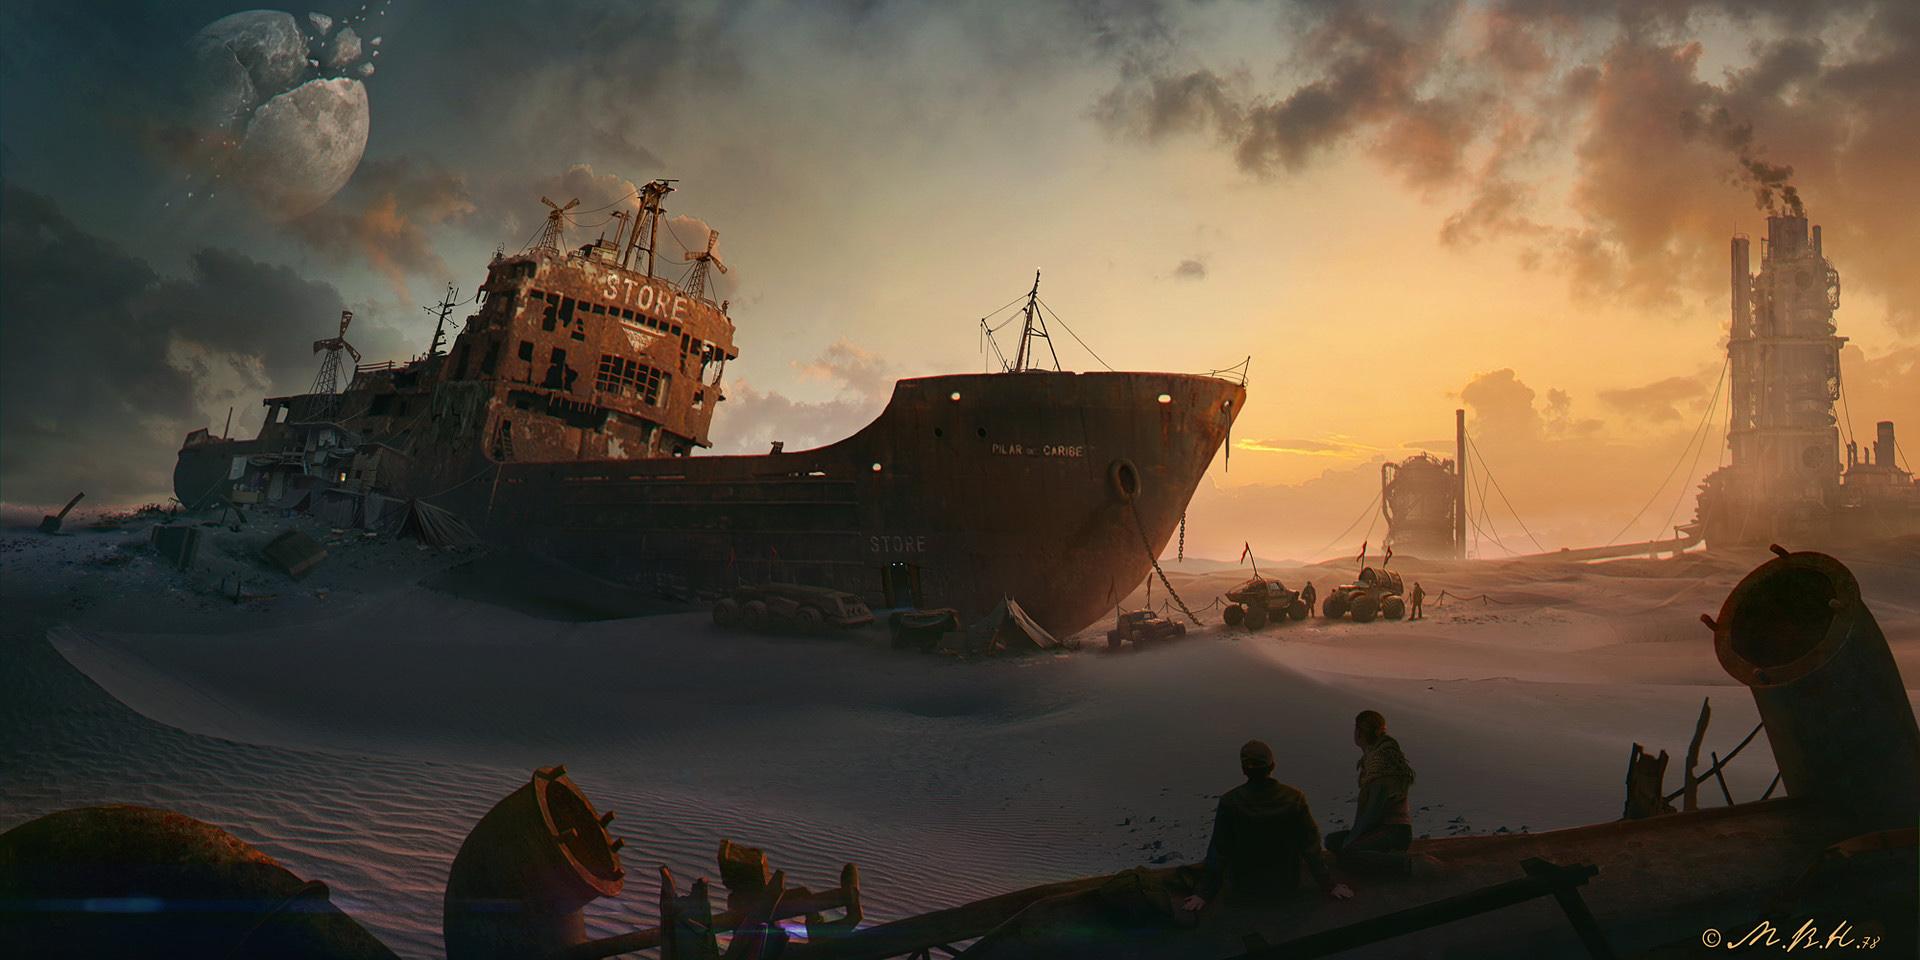 MMO-индустрия: Воображаемые миры Рафа Костера (часть вторая)